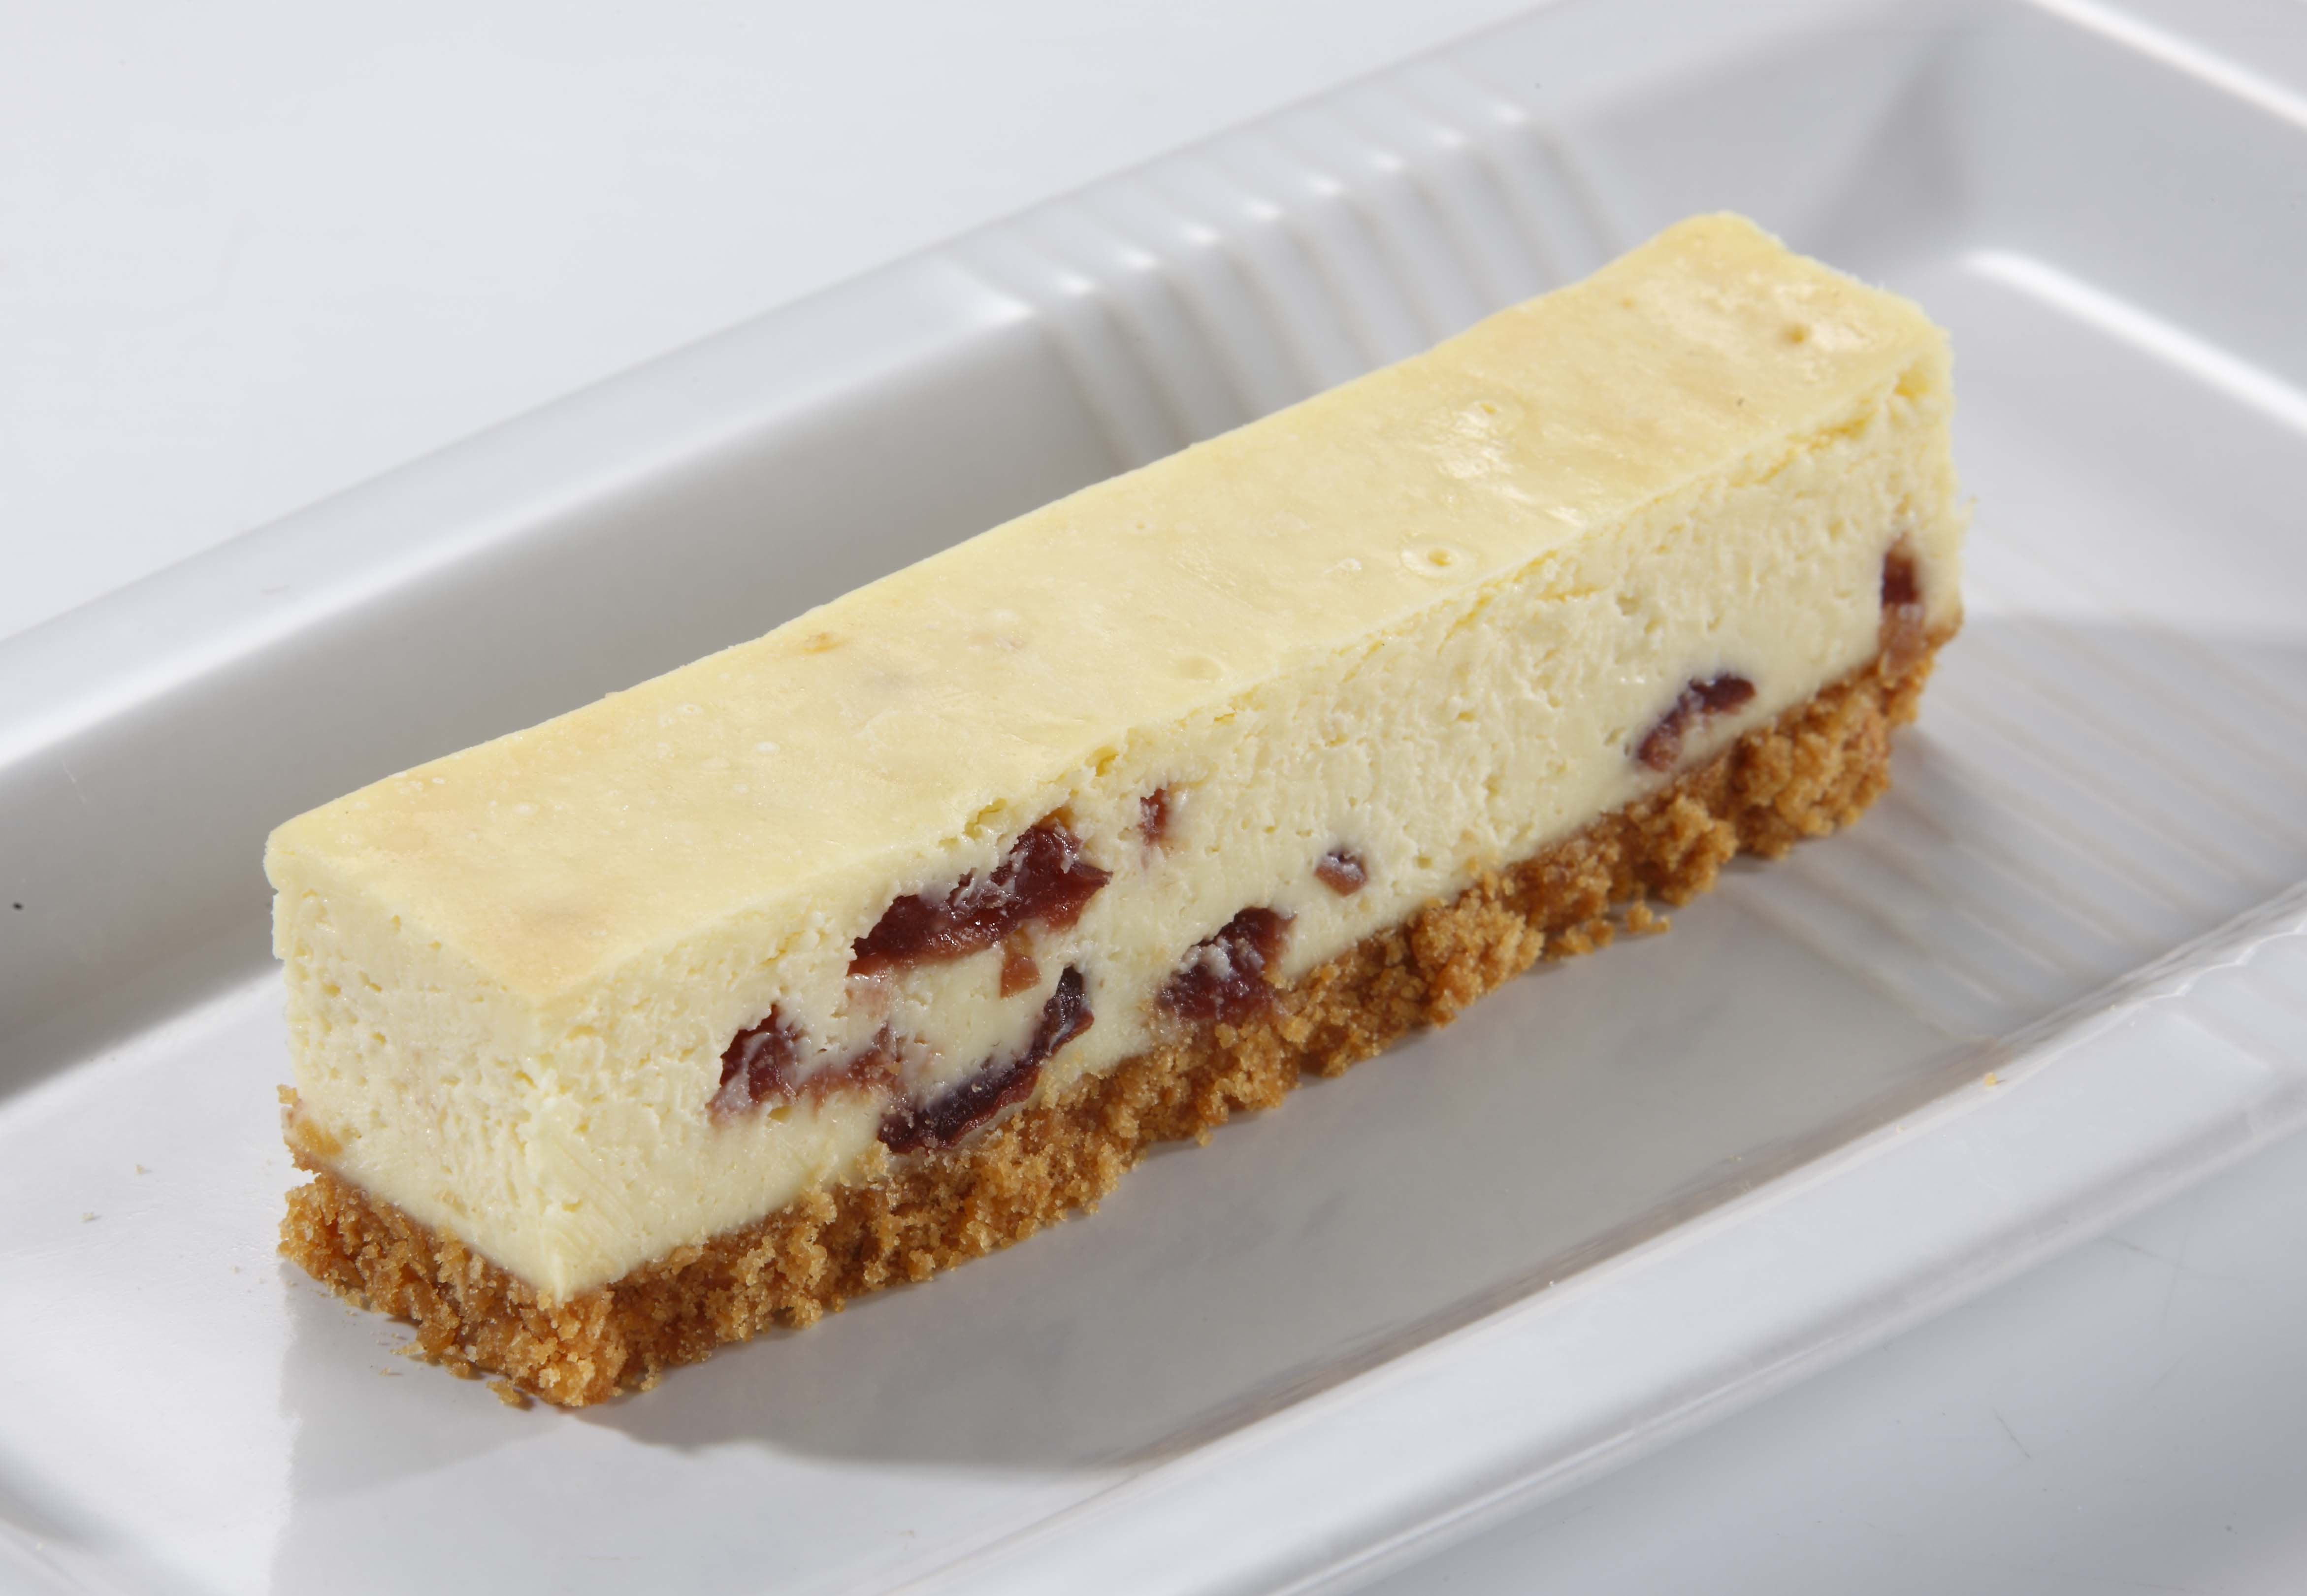 乳酪條「蔓越莓」6入一盒